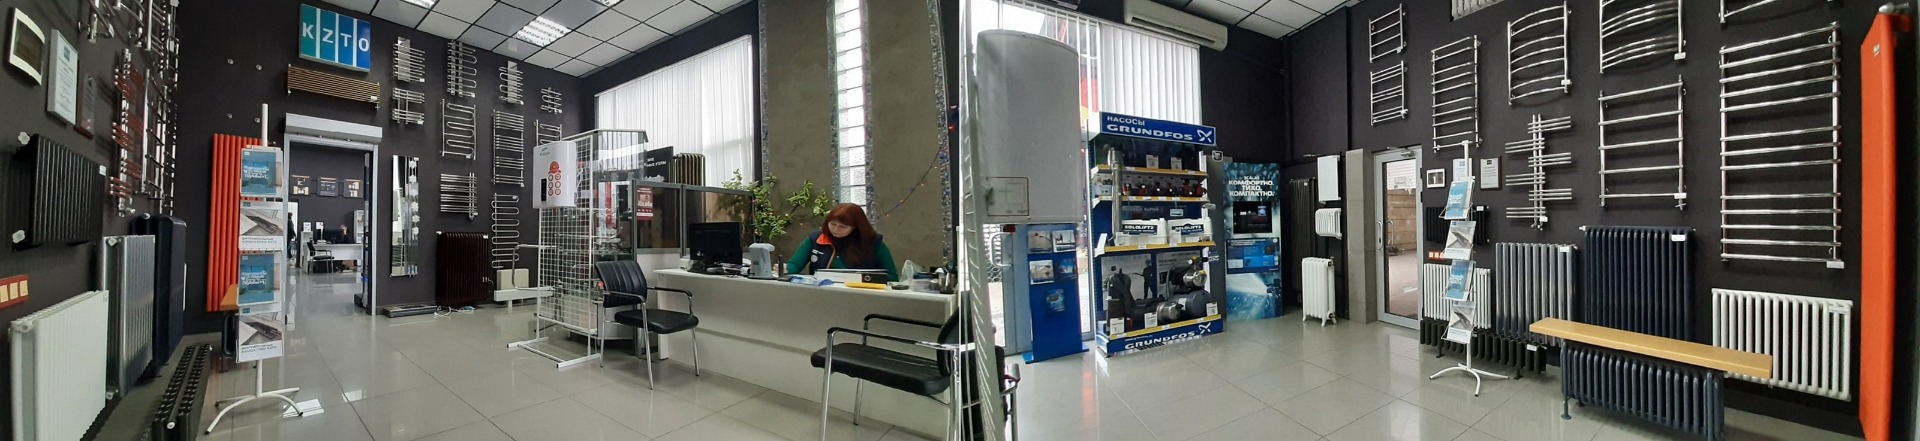 магазин отопления мамонт